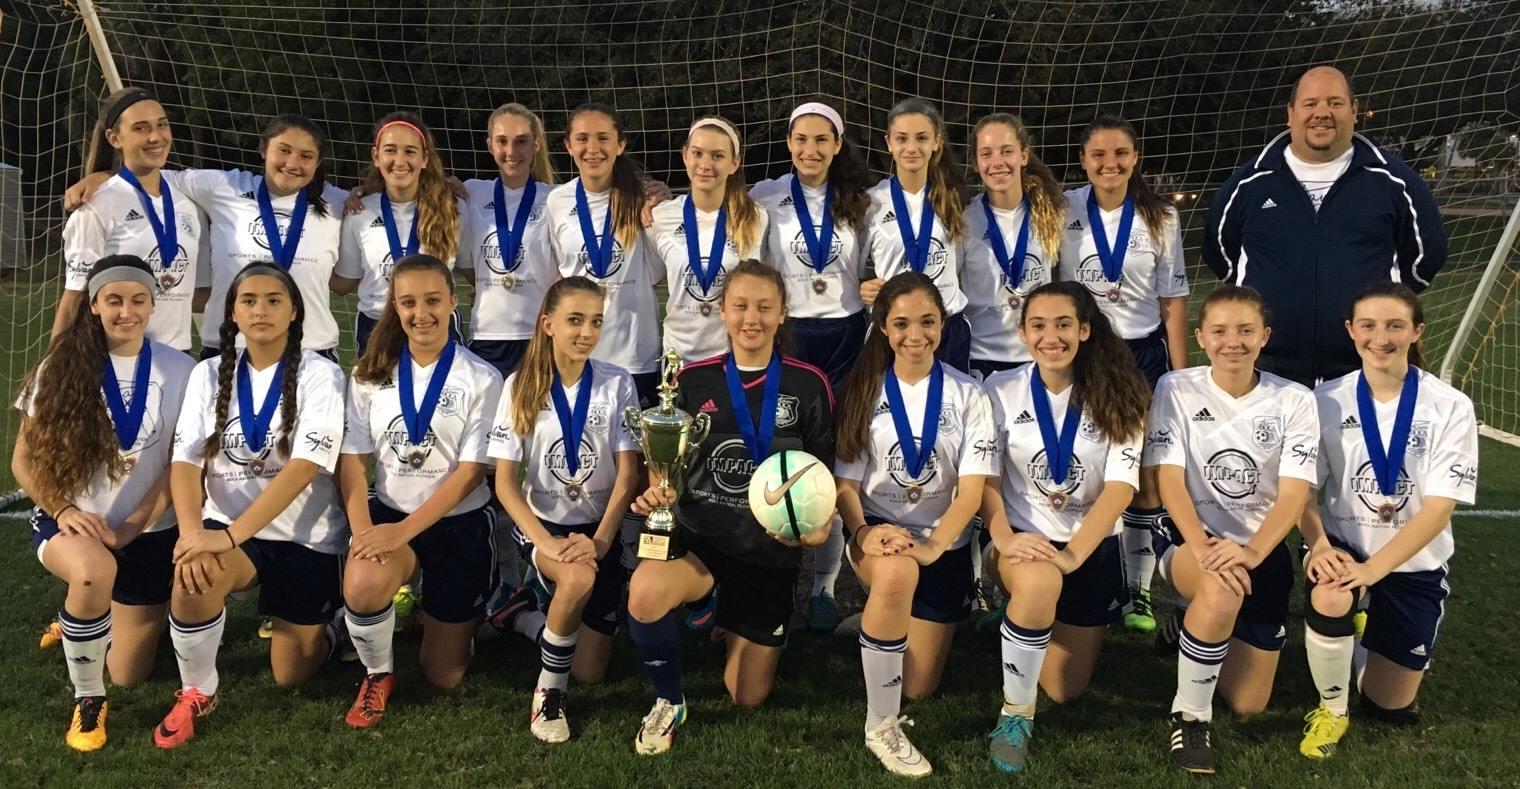 2016 FYSA Region Cup A Champions